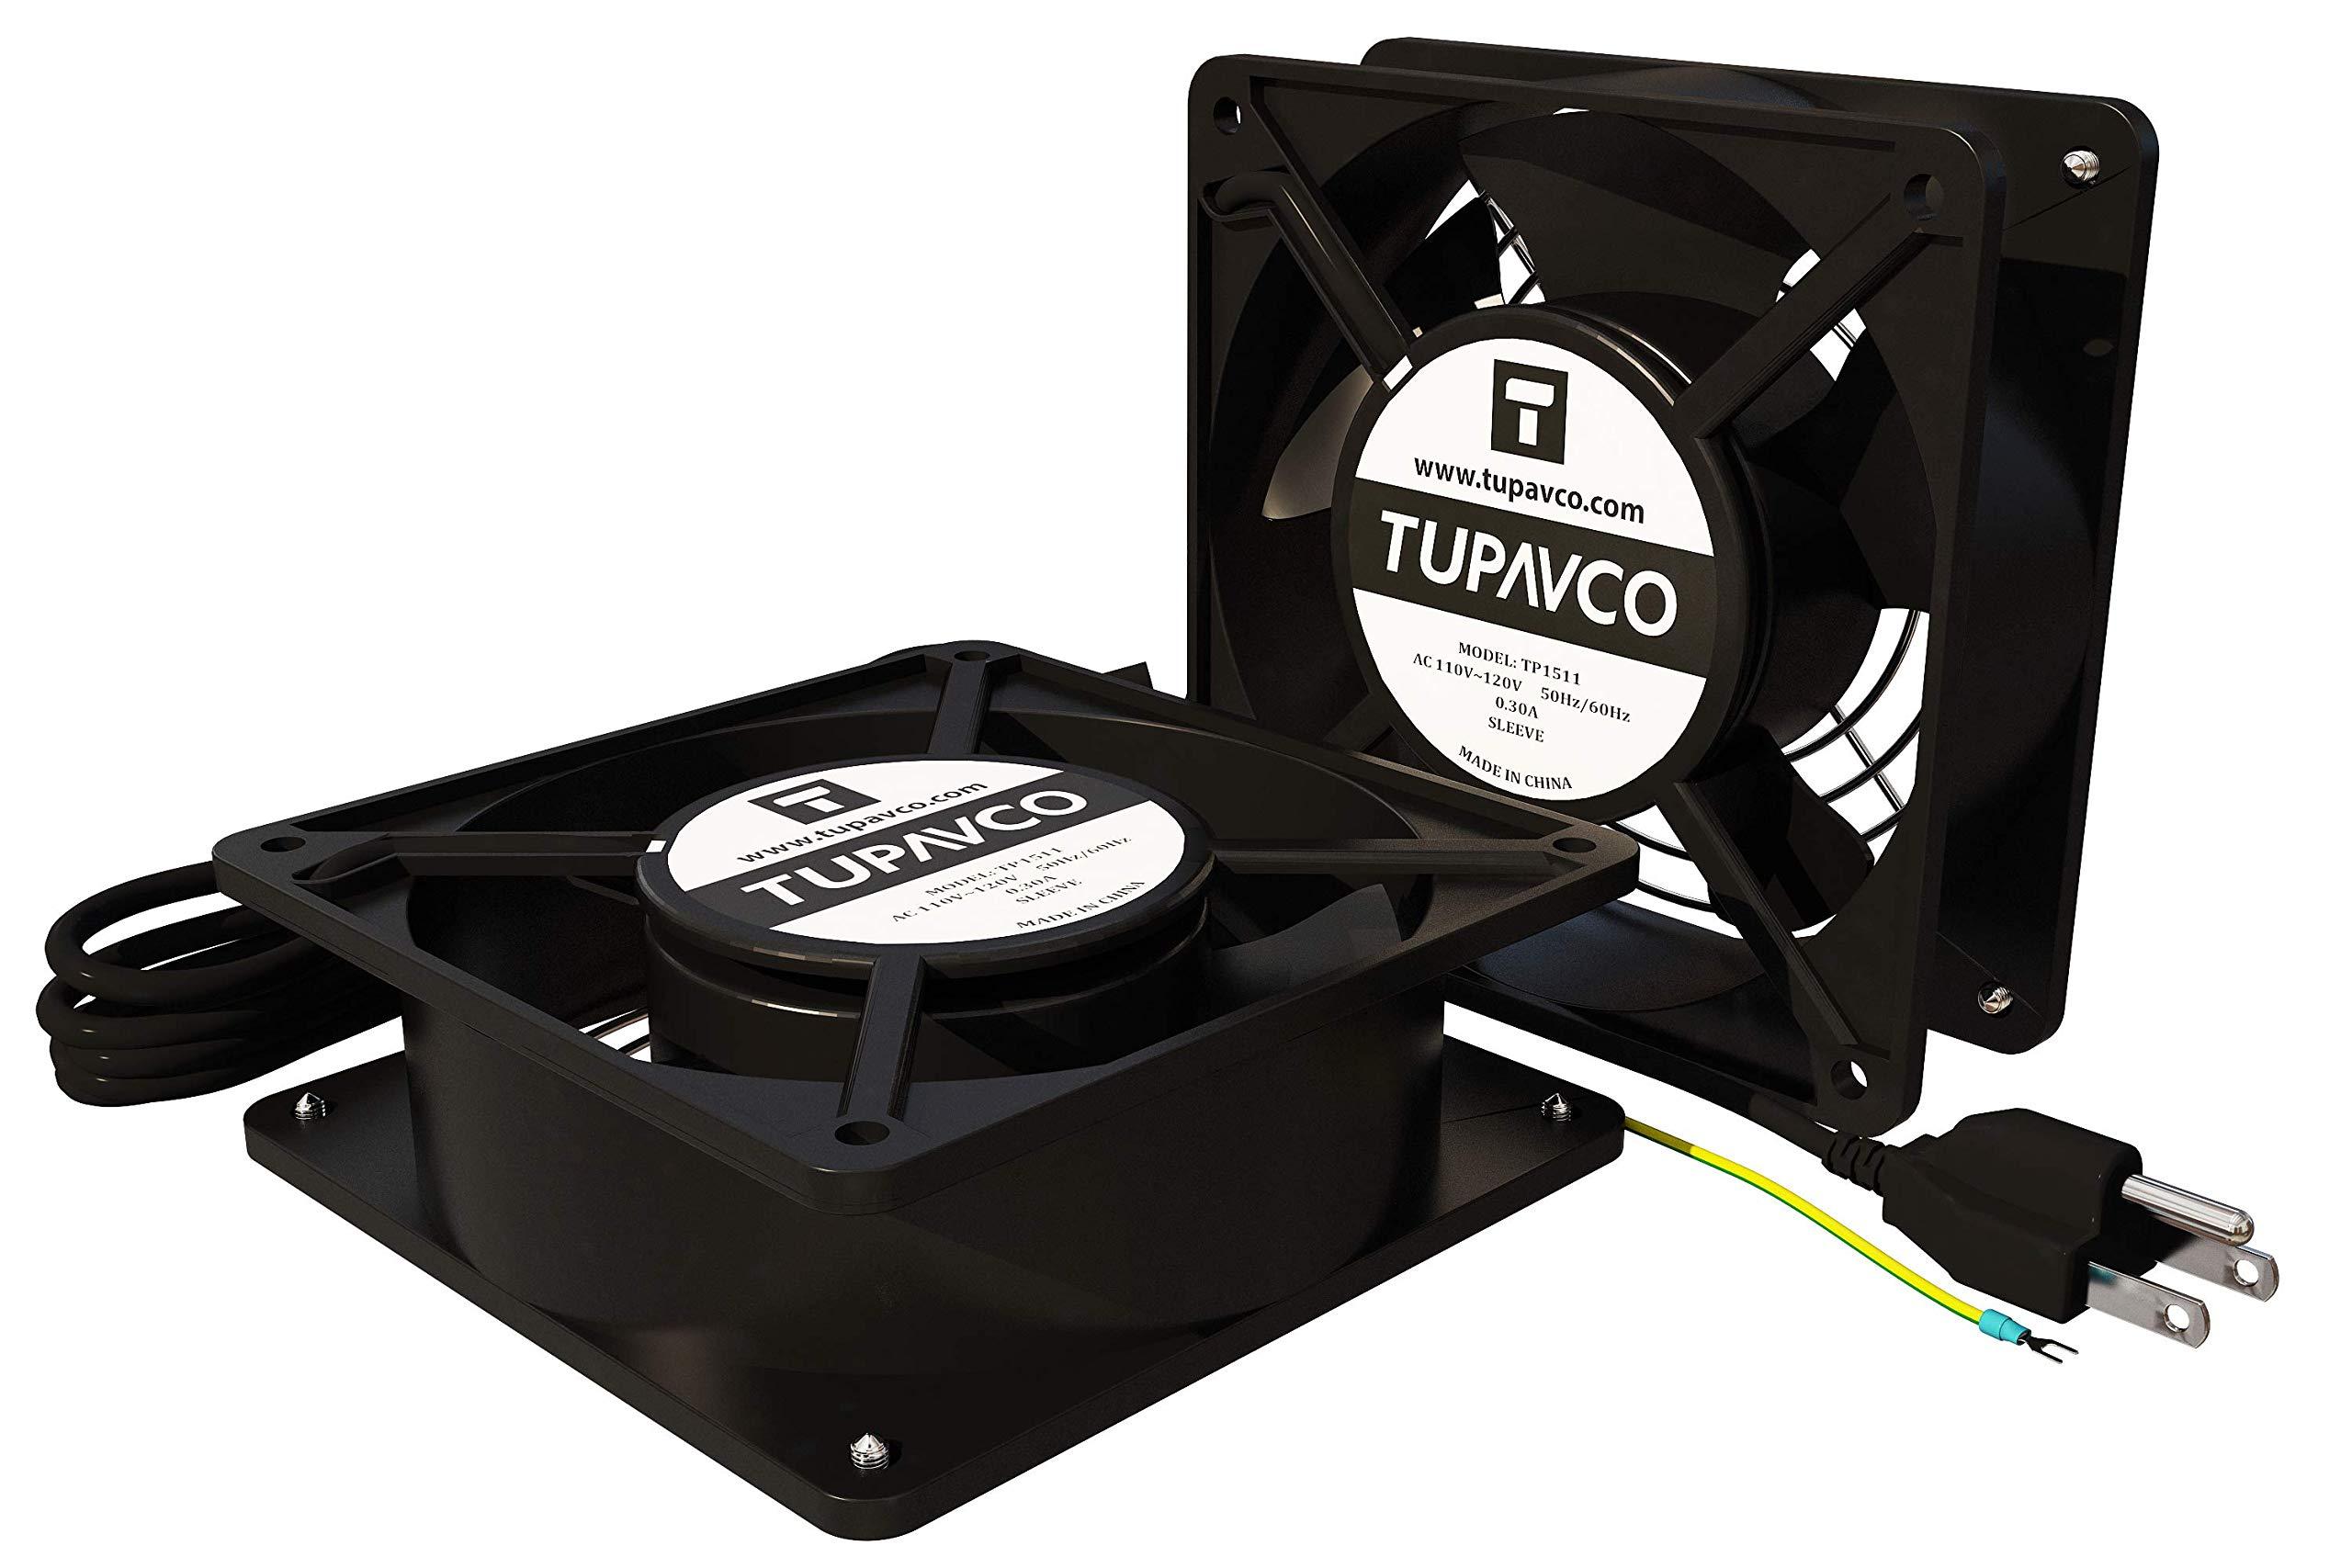 Tupavco Kit de Red de Gabinete Ventilador -Dual 2 Piezas para Servidor para Rack de Acero de ventilación Tranquila con 110V AC Cable a Tierra para Ordenador Equipos- TP1511: Amazon.es: Electrónica